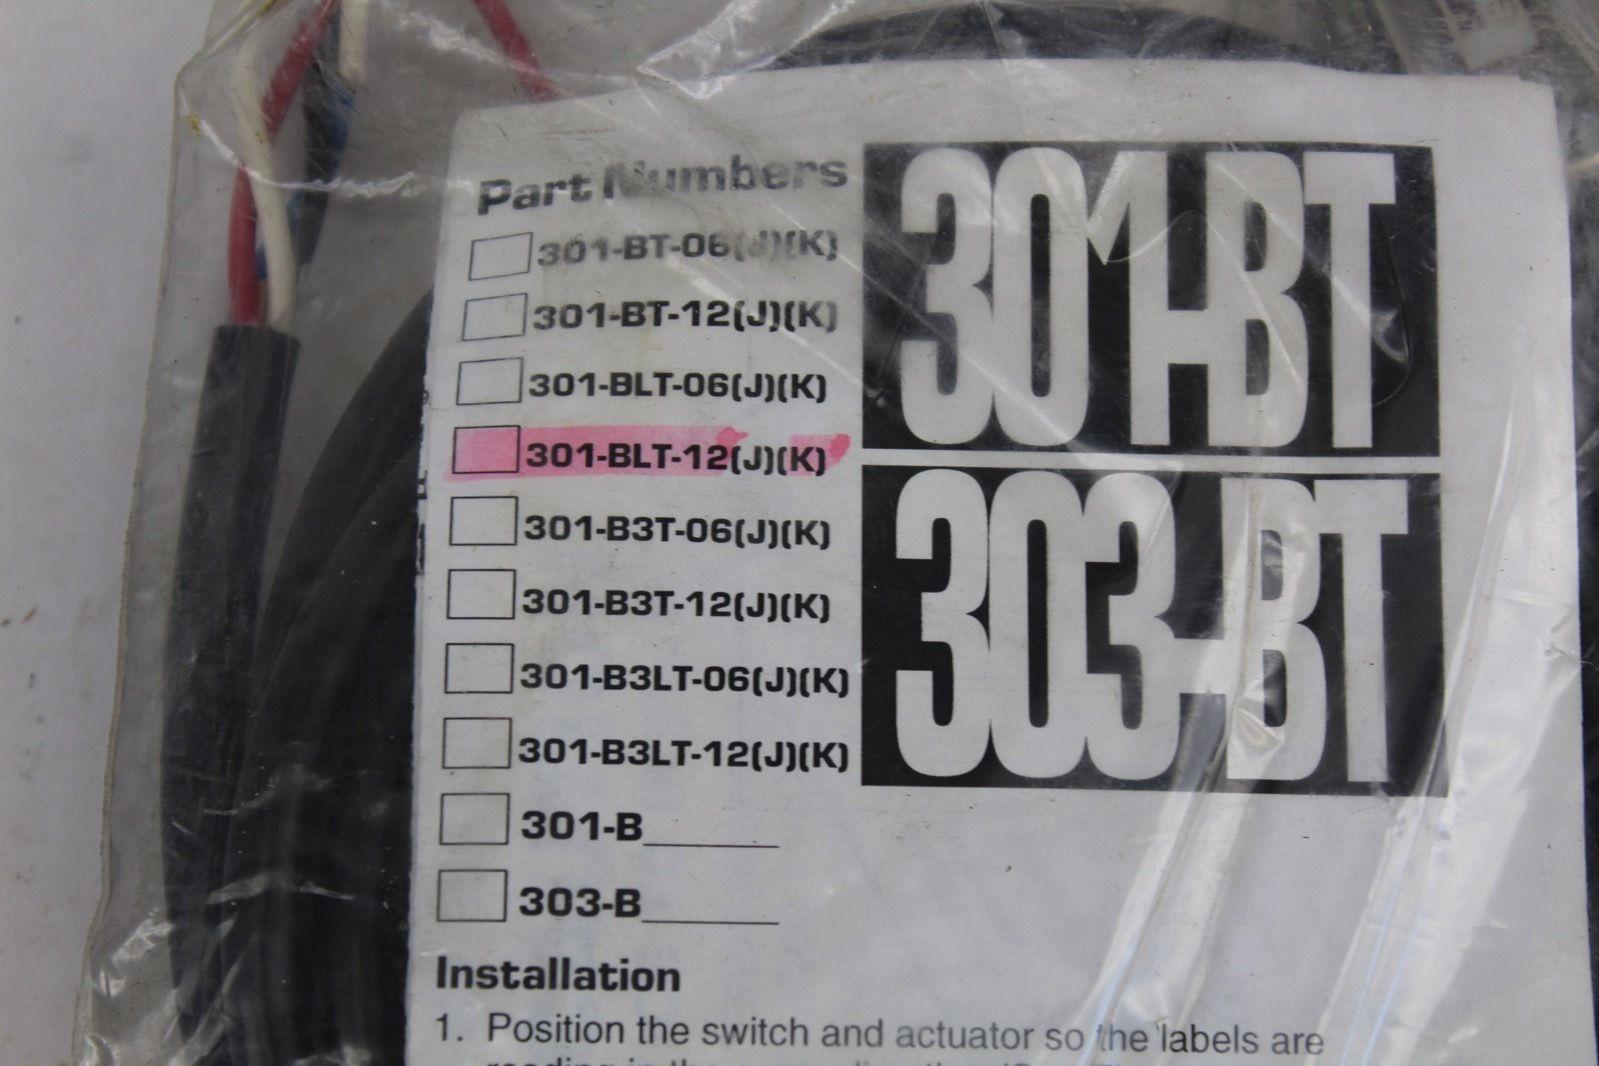 Sentrol Industrial Guard Switch 301-BLT-12(J)(K) *NEW* (B272) 2